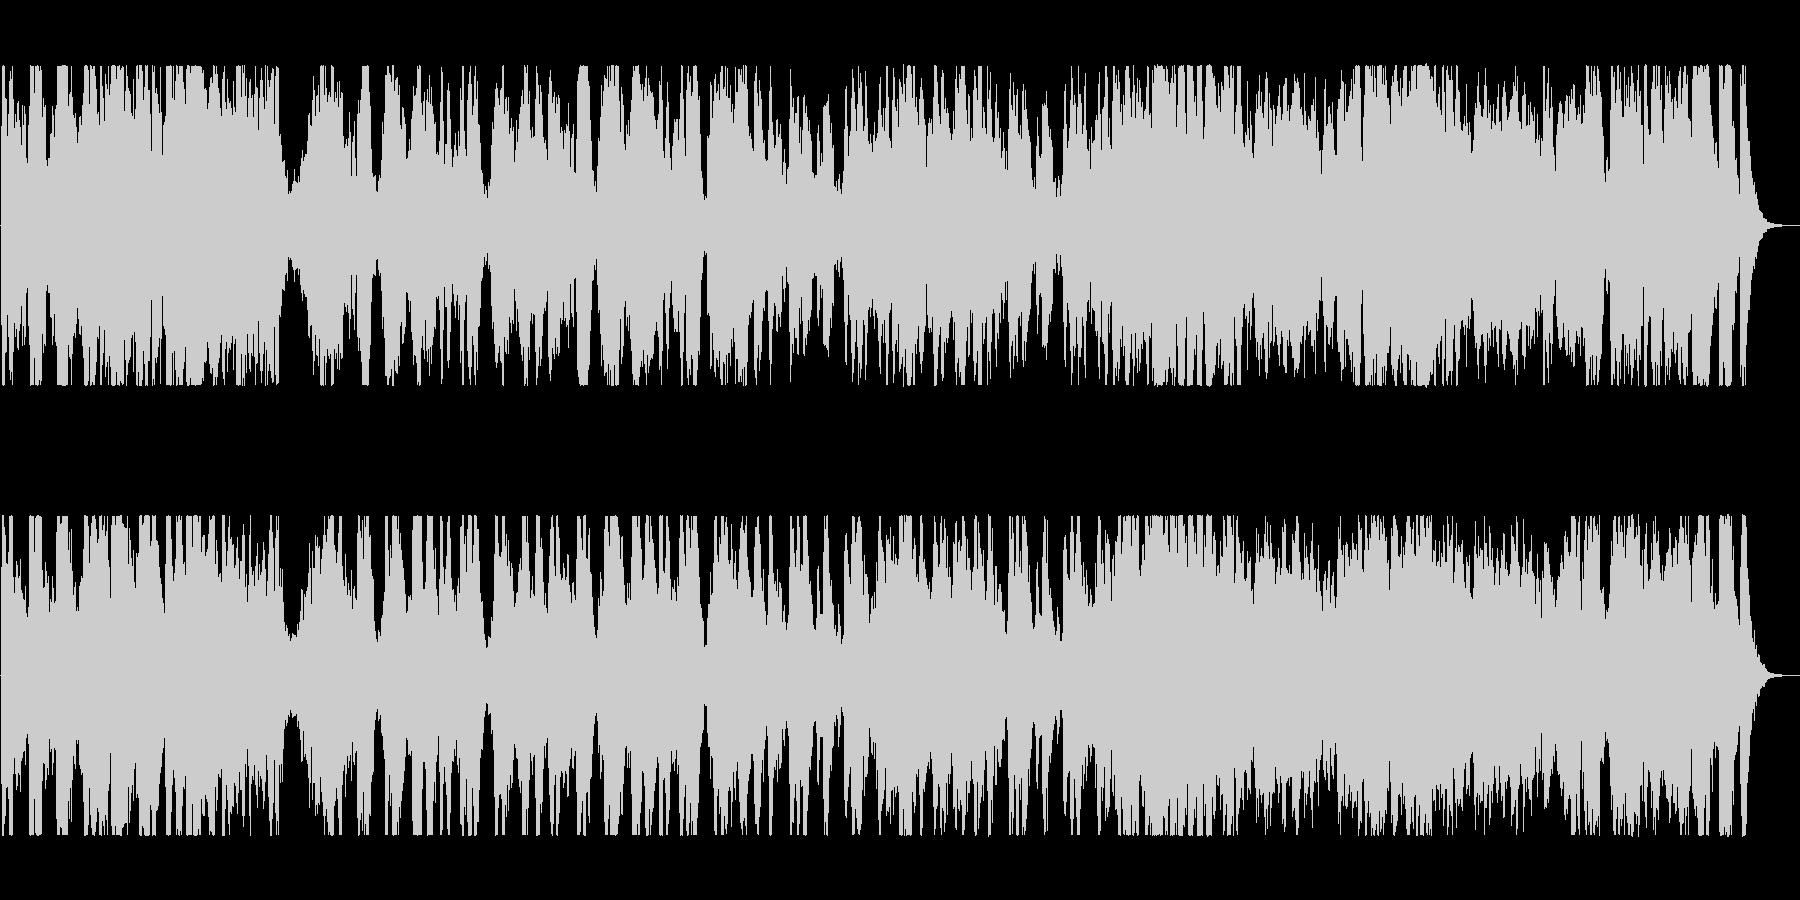 管楽器のメロディーが心地よい行進曲の未再生の波形